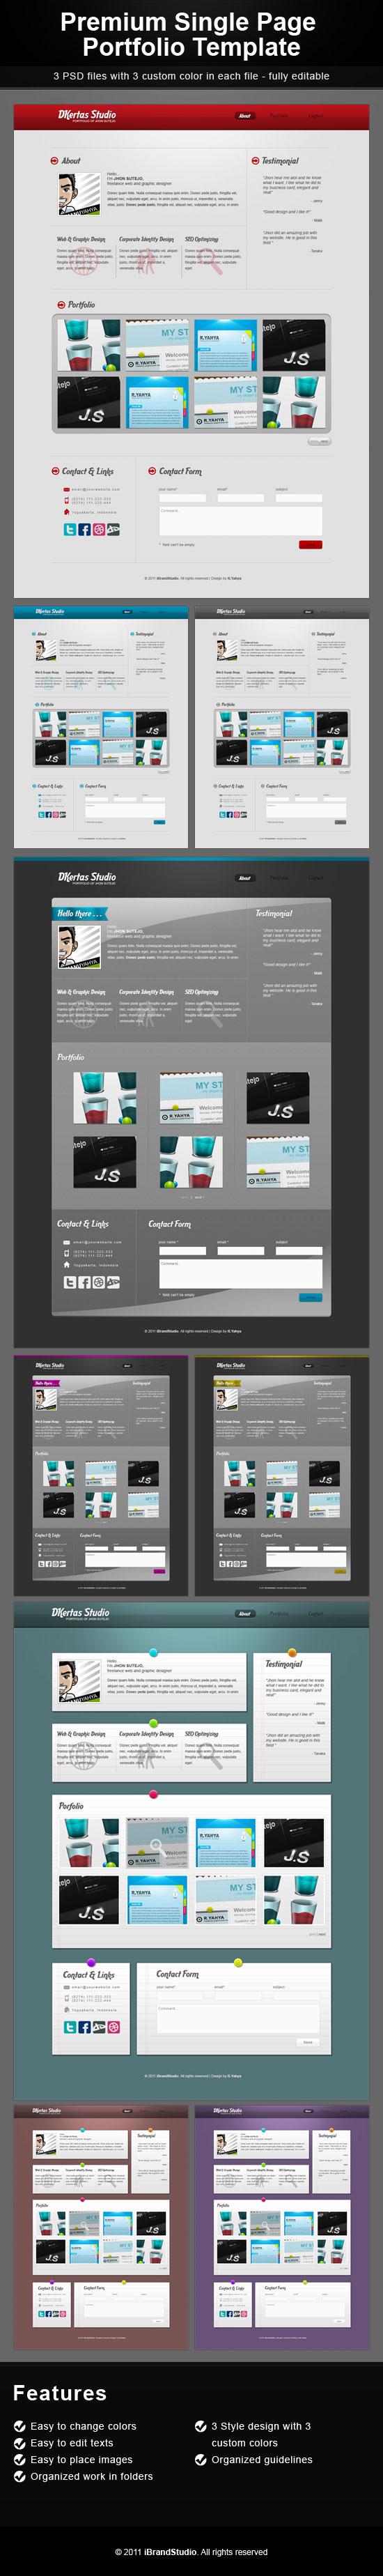 DKertas Single Page Portfolio PSD Template